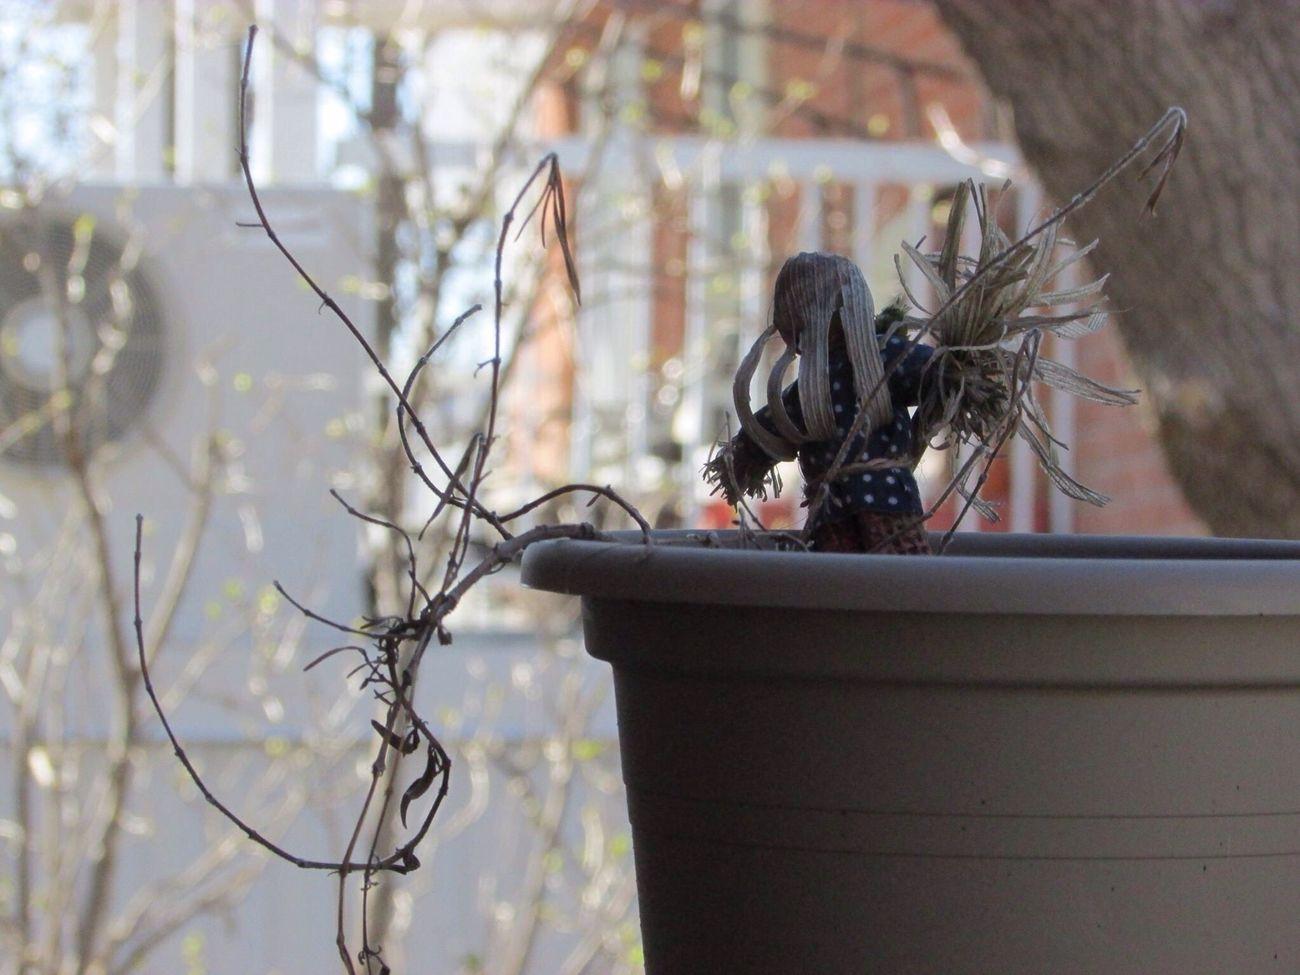 Die Plant Dead Dead Plant Pot Potted Plant épouvantail